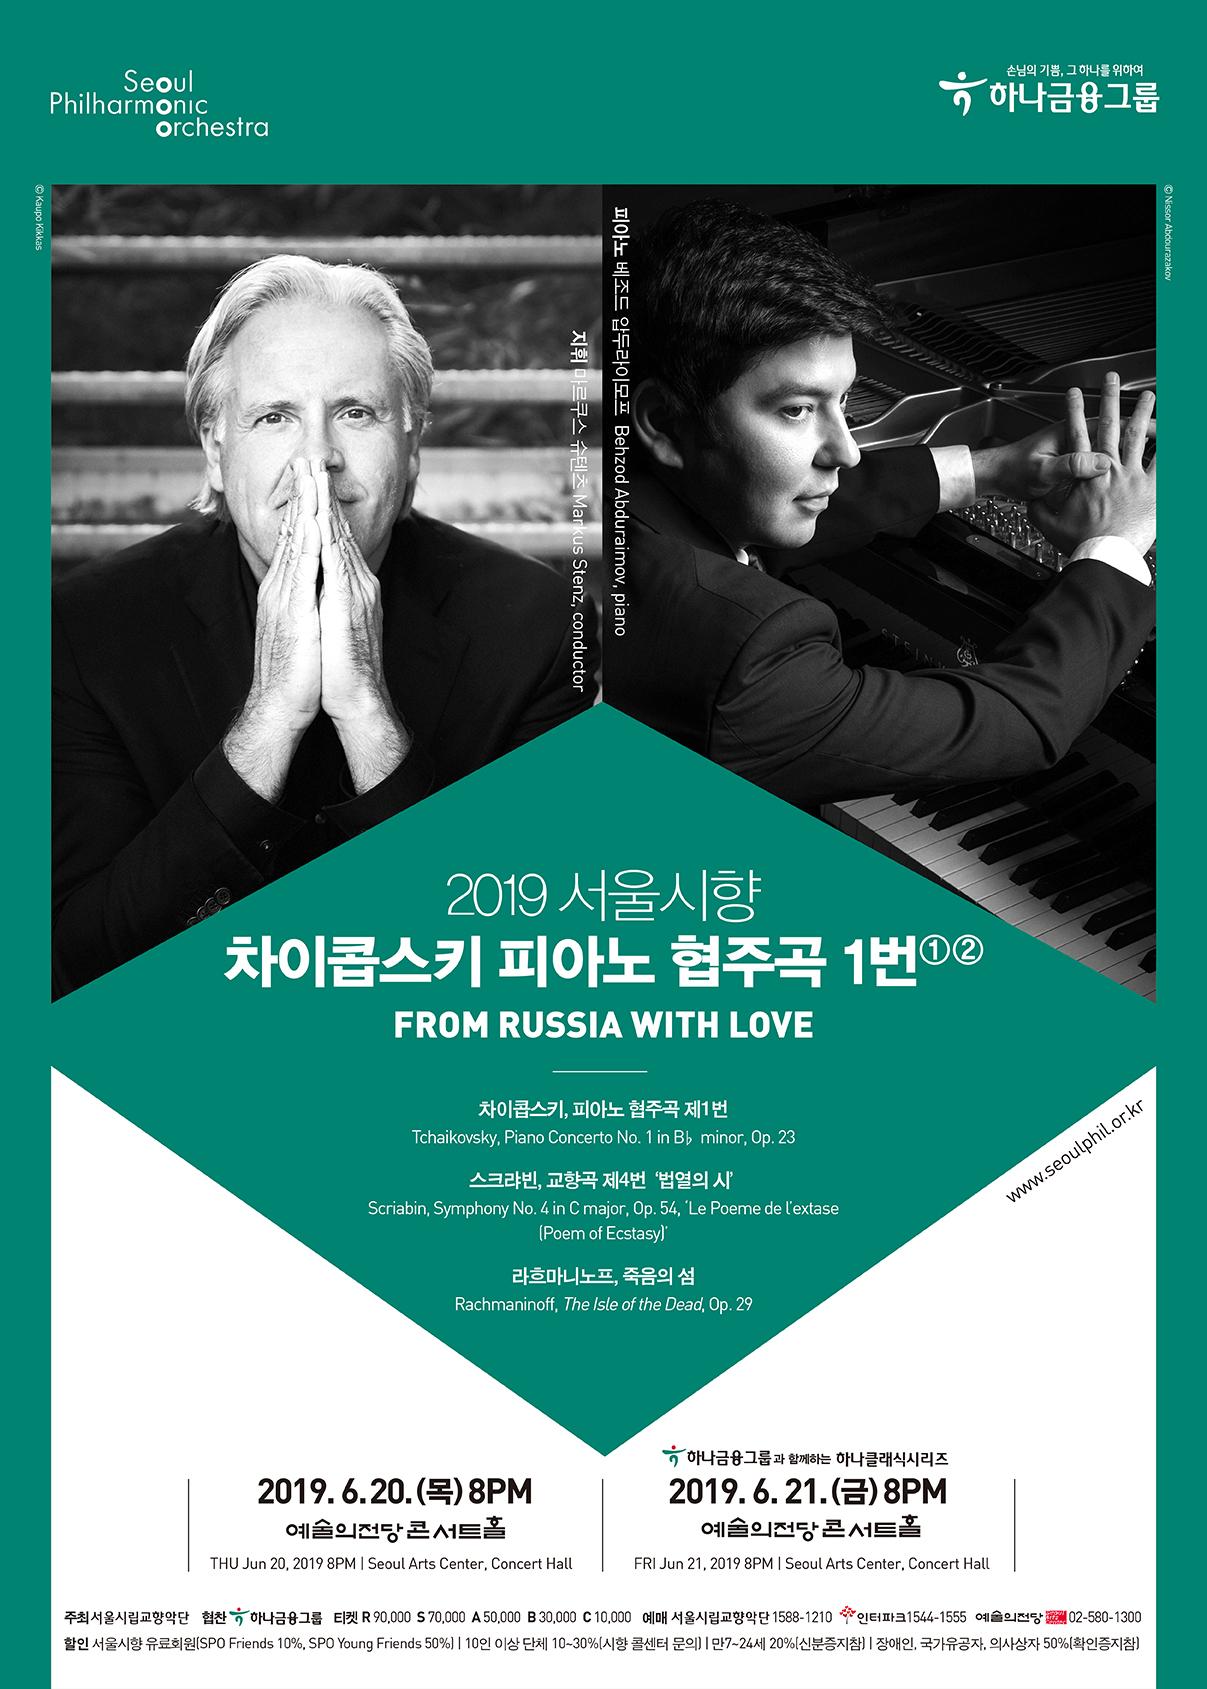 2019 서울시향 차이콥스키 피아노 협주곡 1번 ①, ②